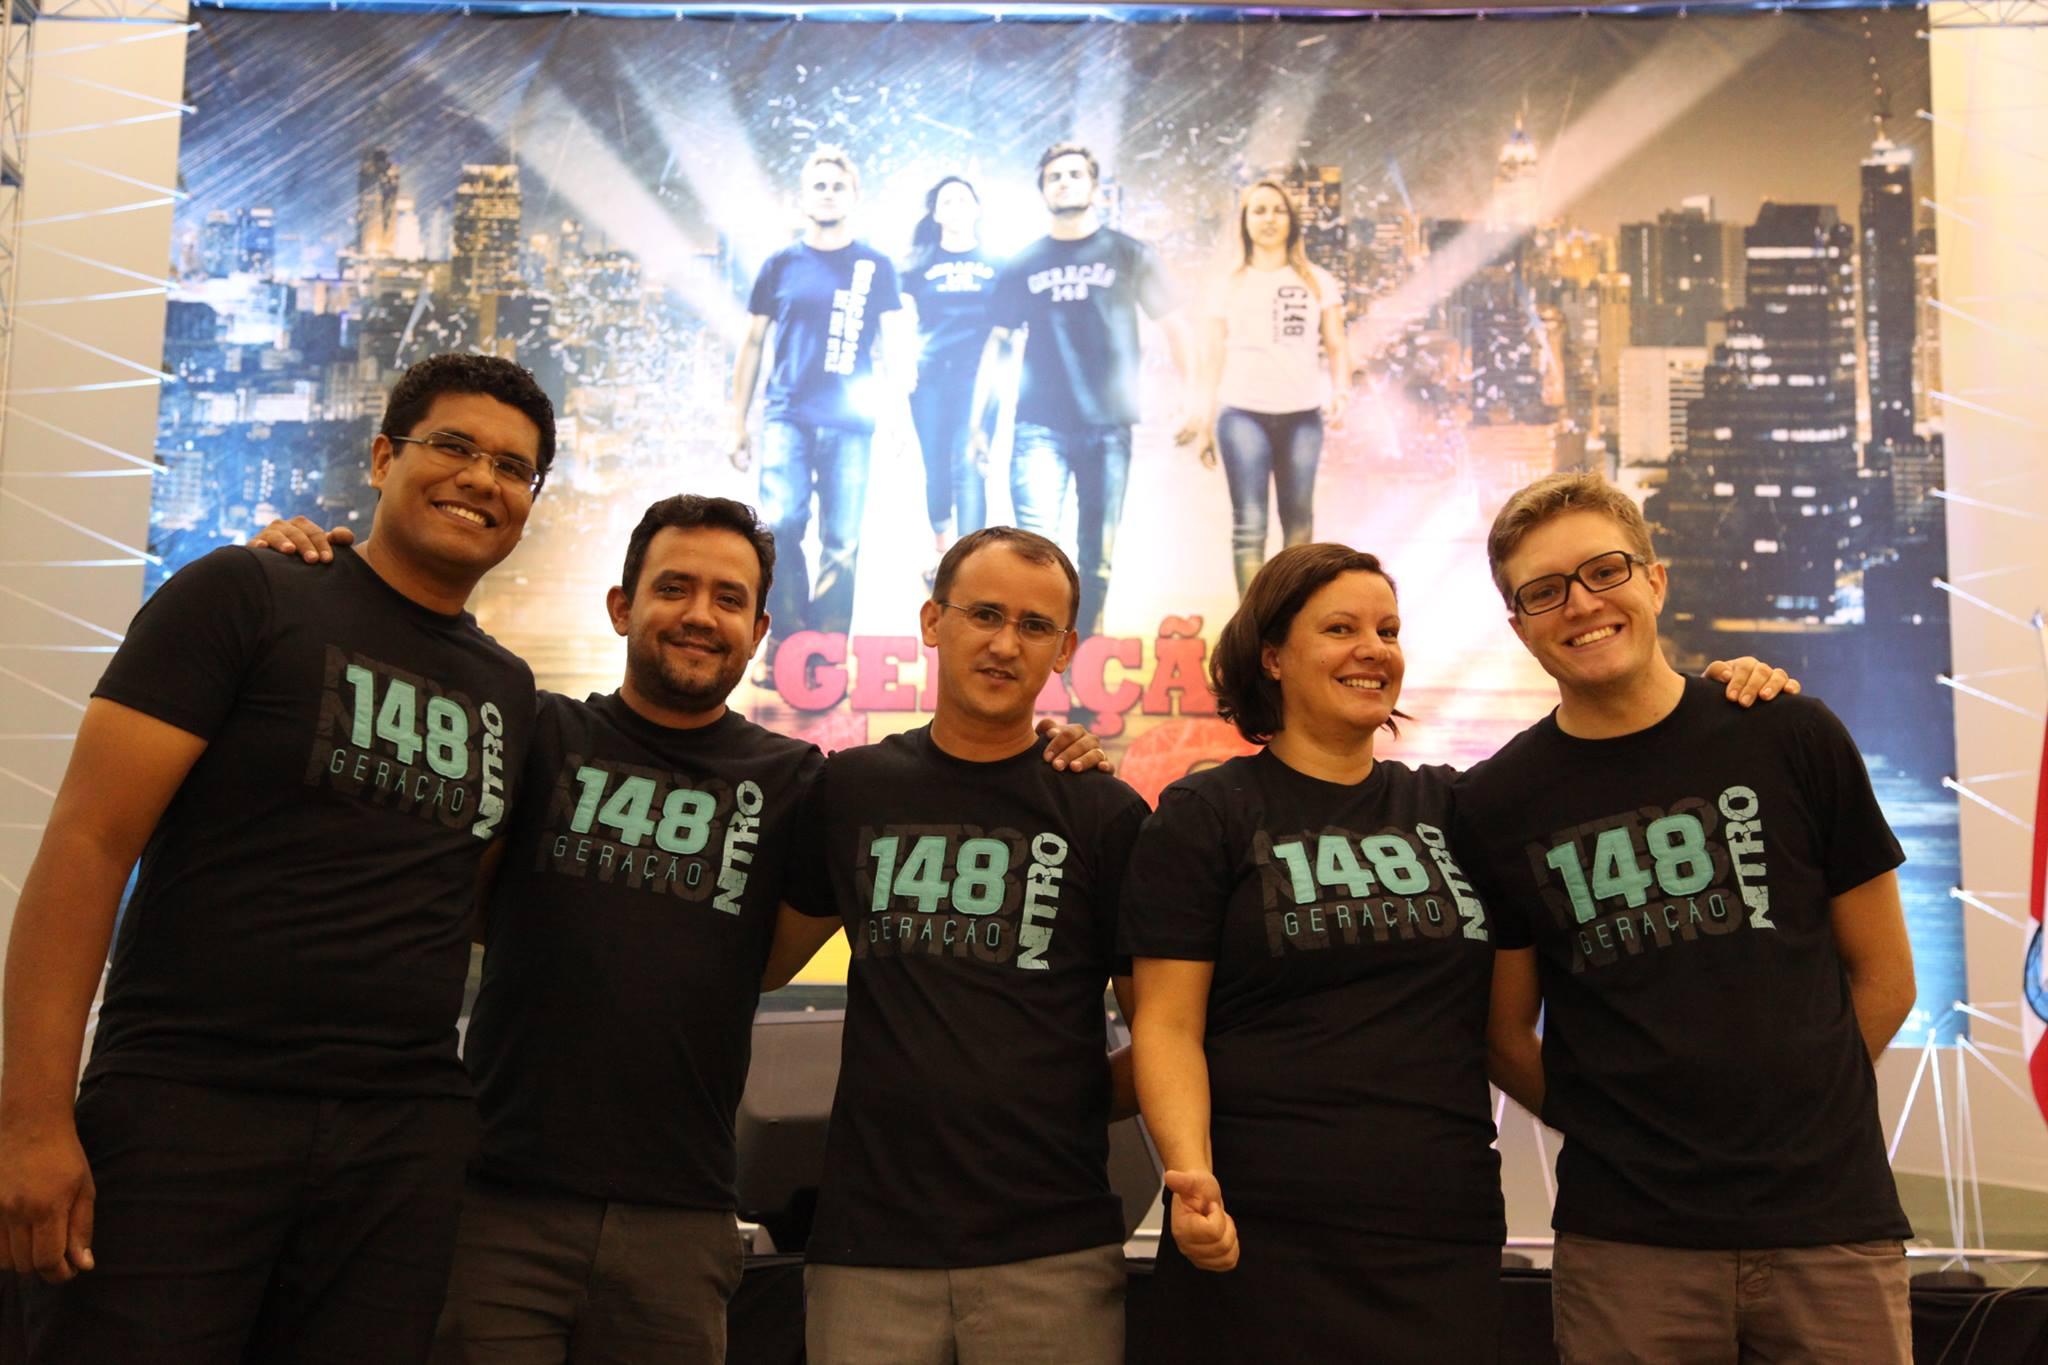 ac7e578a3 Geração 148 ganha nova versão no Sul do Paraná - Notícias Adventistas